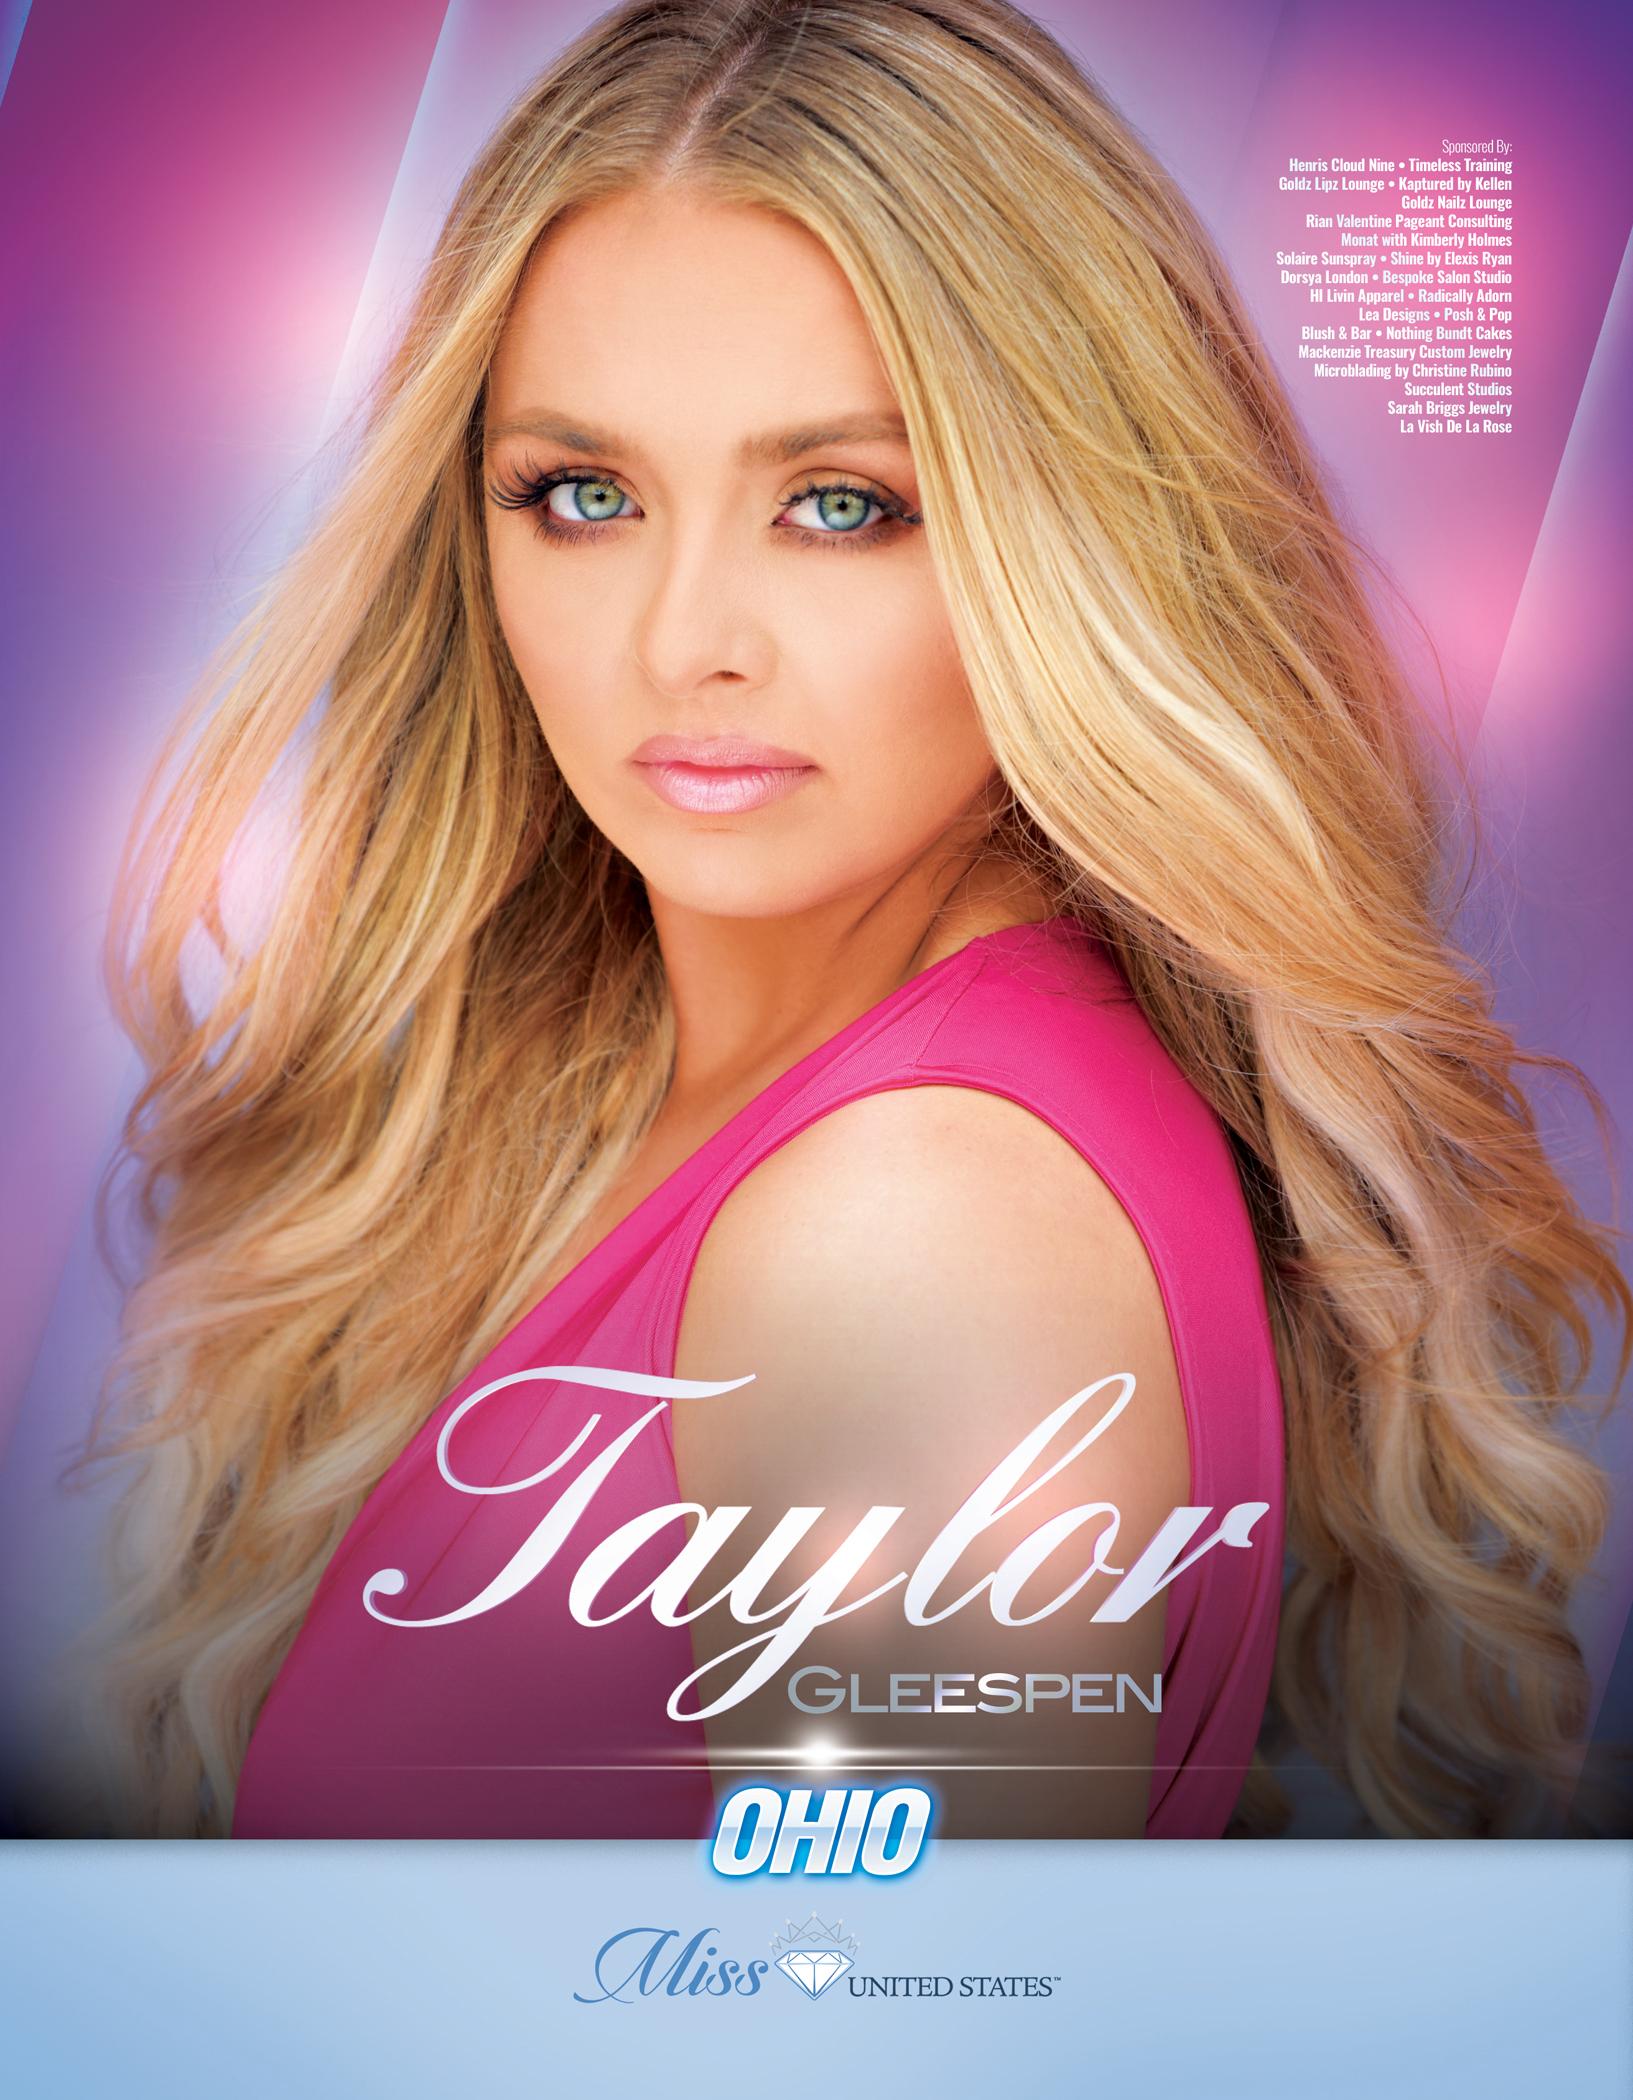 Taylor Gleespen Miss Ohio United States - 2019